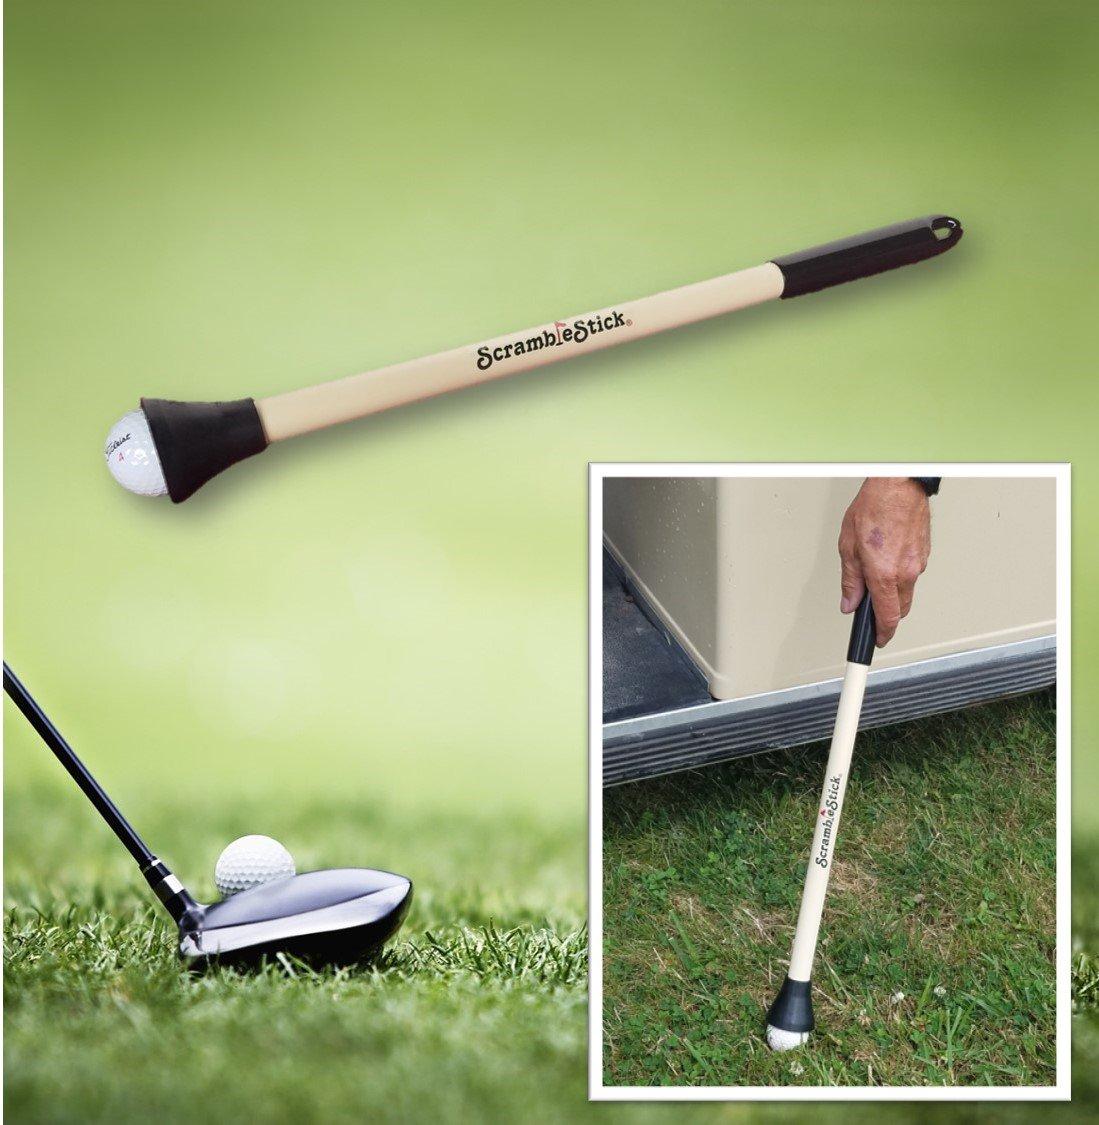 ScrambleStick The Original Golf Ball Retriever, Designed for Scramble Golf, 20-Inch